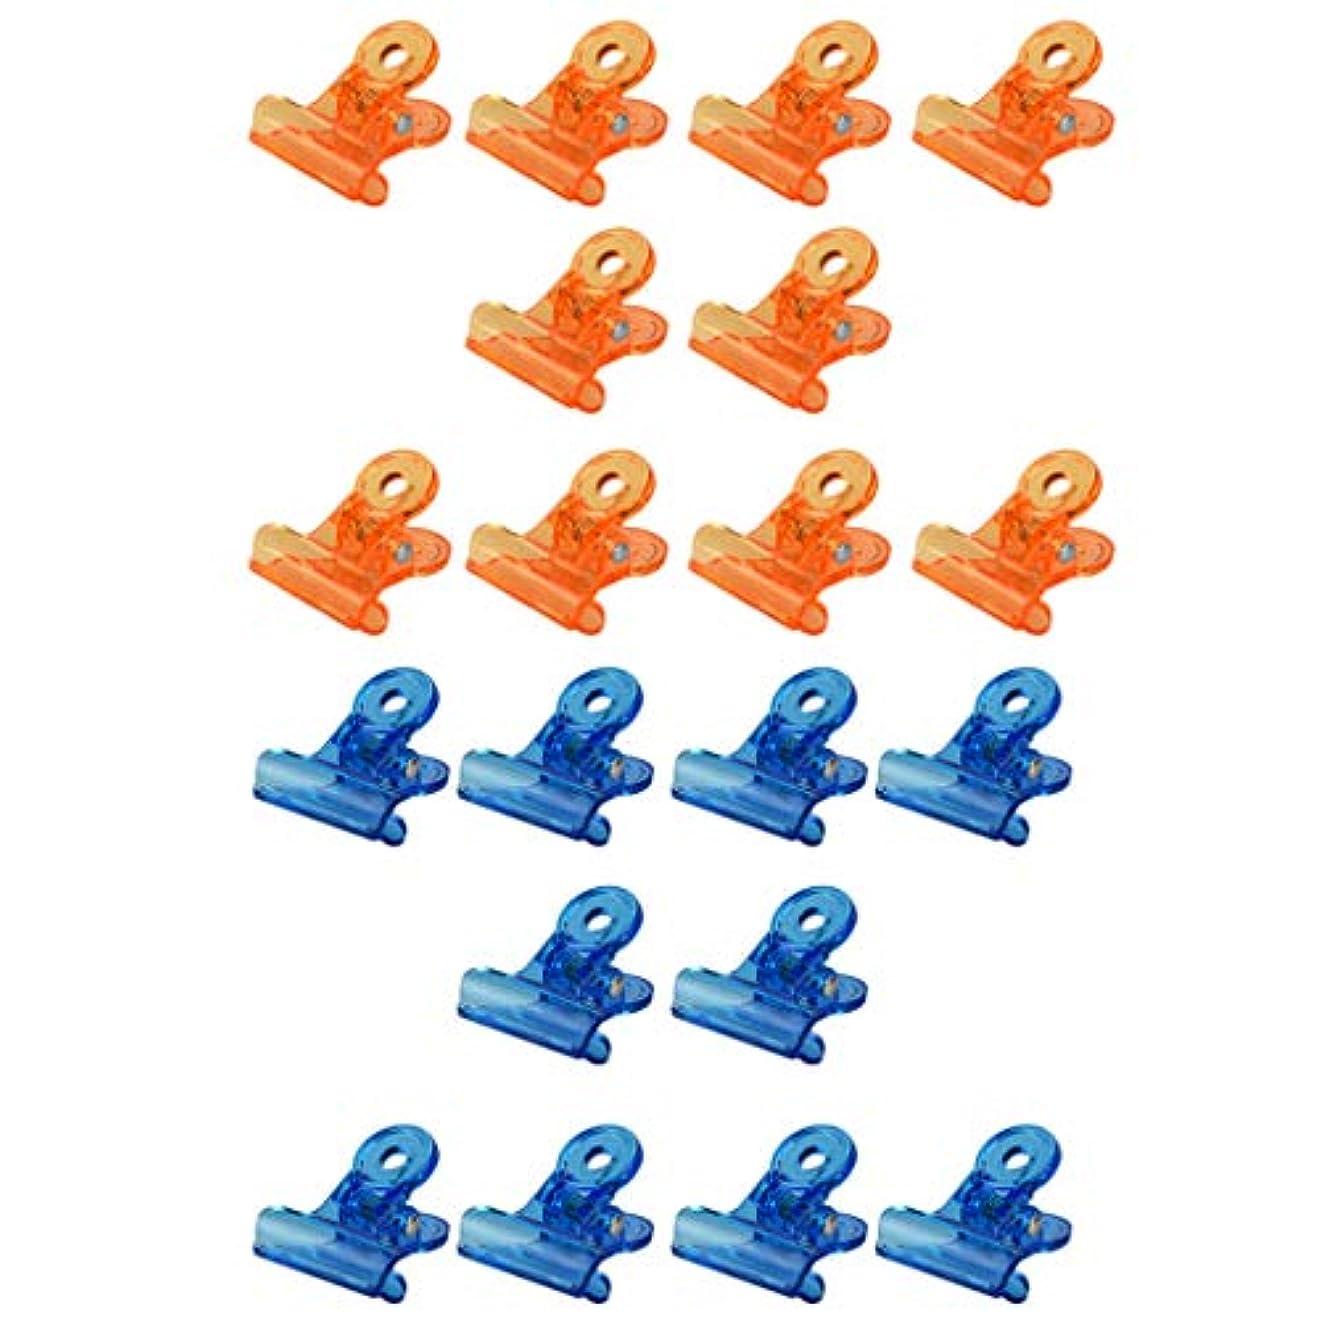 どこにでもメーカー勝者DYNWAVE ジェルネイルポリッシュ クリーナー ネイルクリップ ネイルアート アクリル 20個セット 全3種 - オレンジ+ブルー